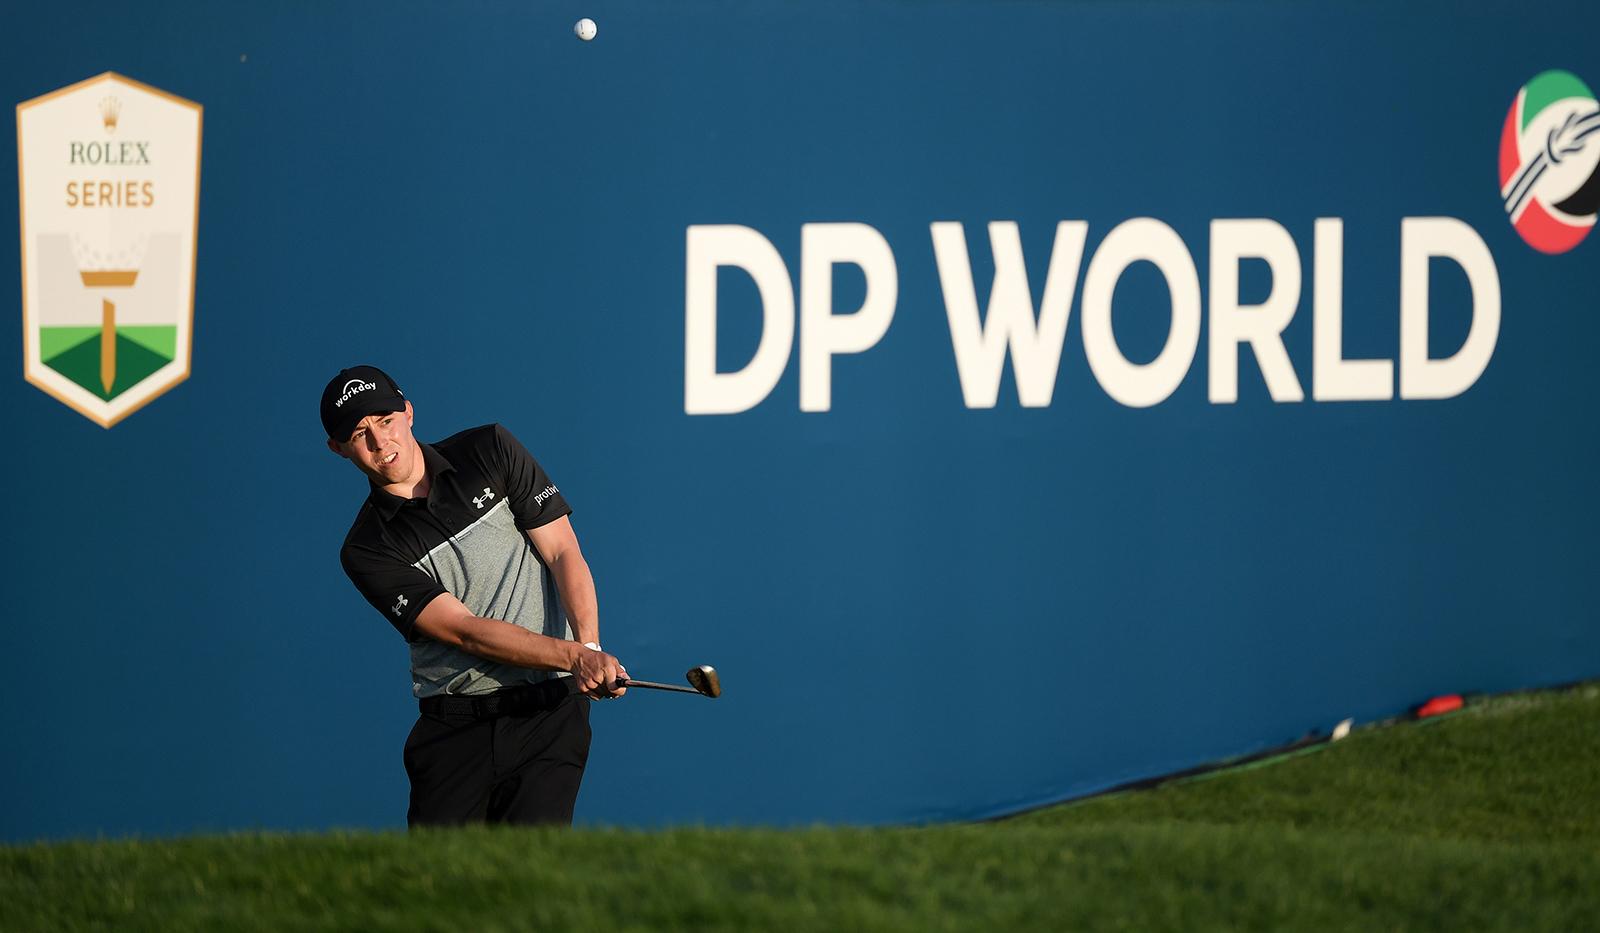 DP World Tour Championship  Dubai  Round Two Matt Fitzpatrick m54517 3 - DP World Tour Championship